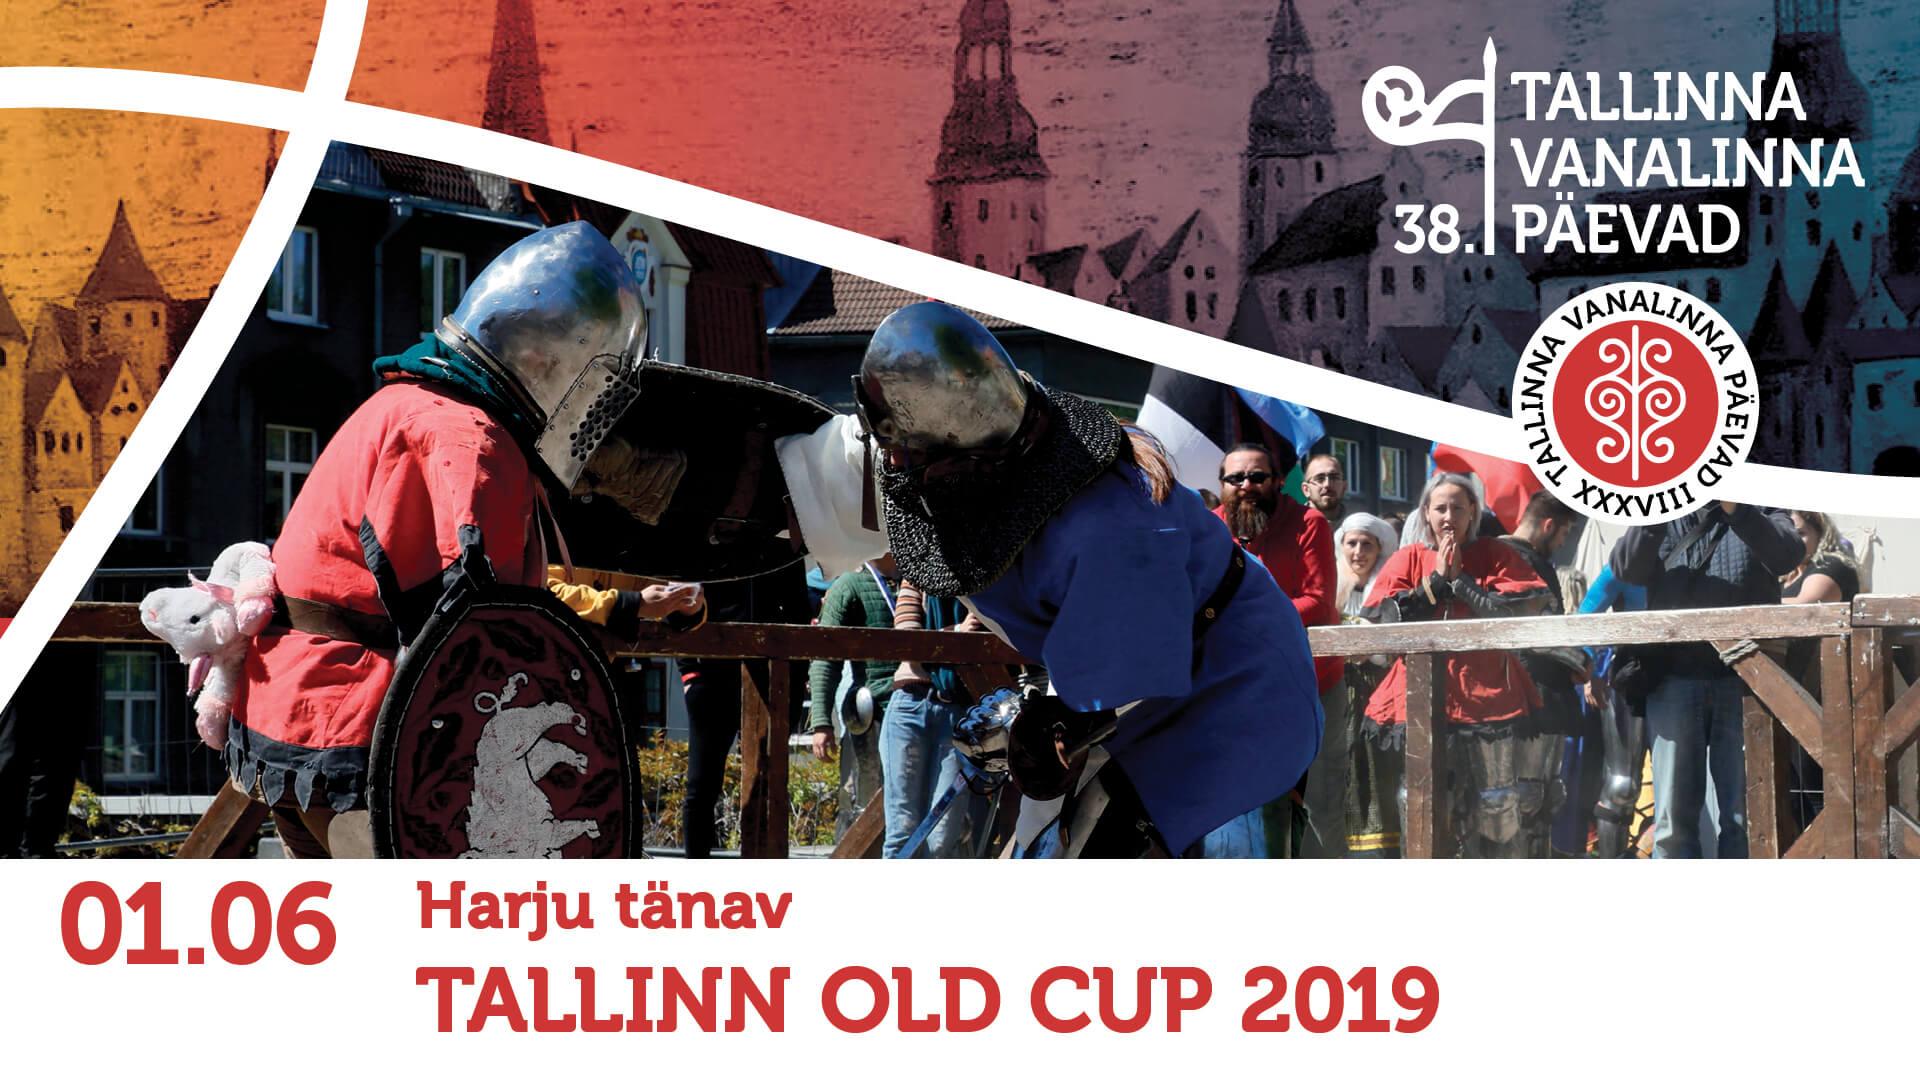 01.06.19. Tallinn Old Cup 2019. Harju tänav.